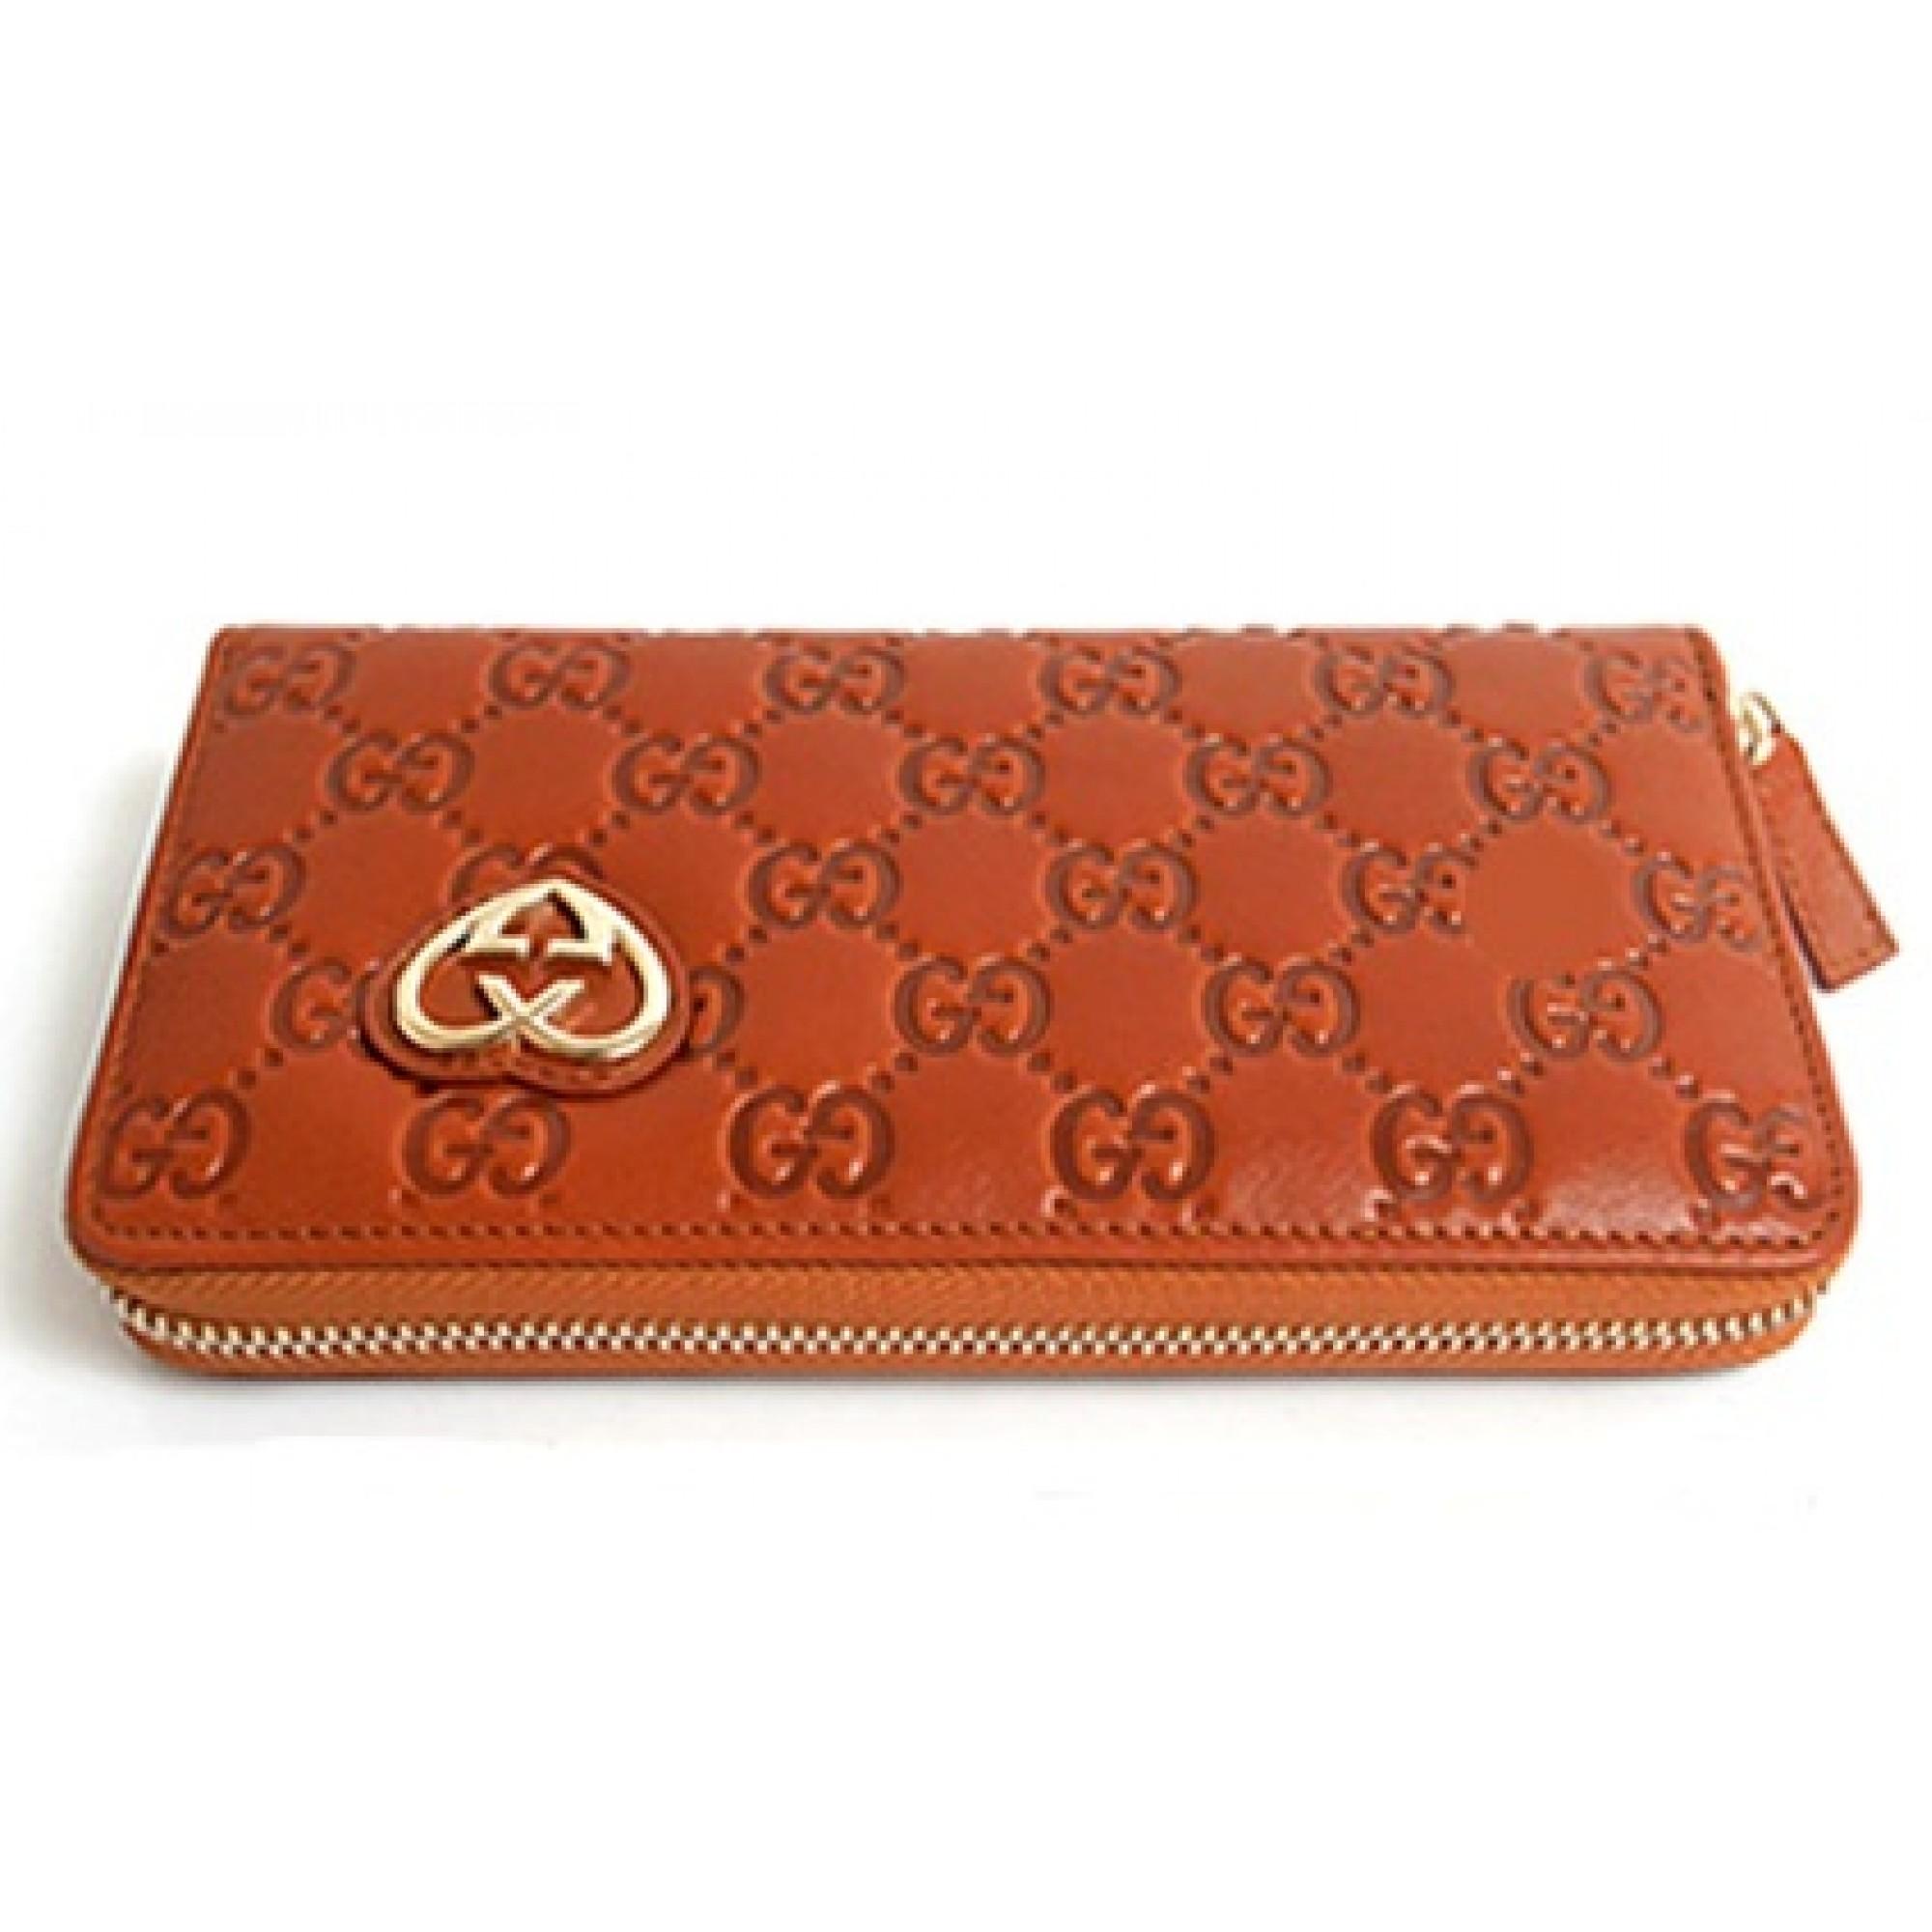 f2874939d1da Купить стильный женский кошелек Gucci — в Киеве, код товара 4046